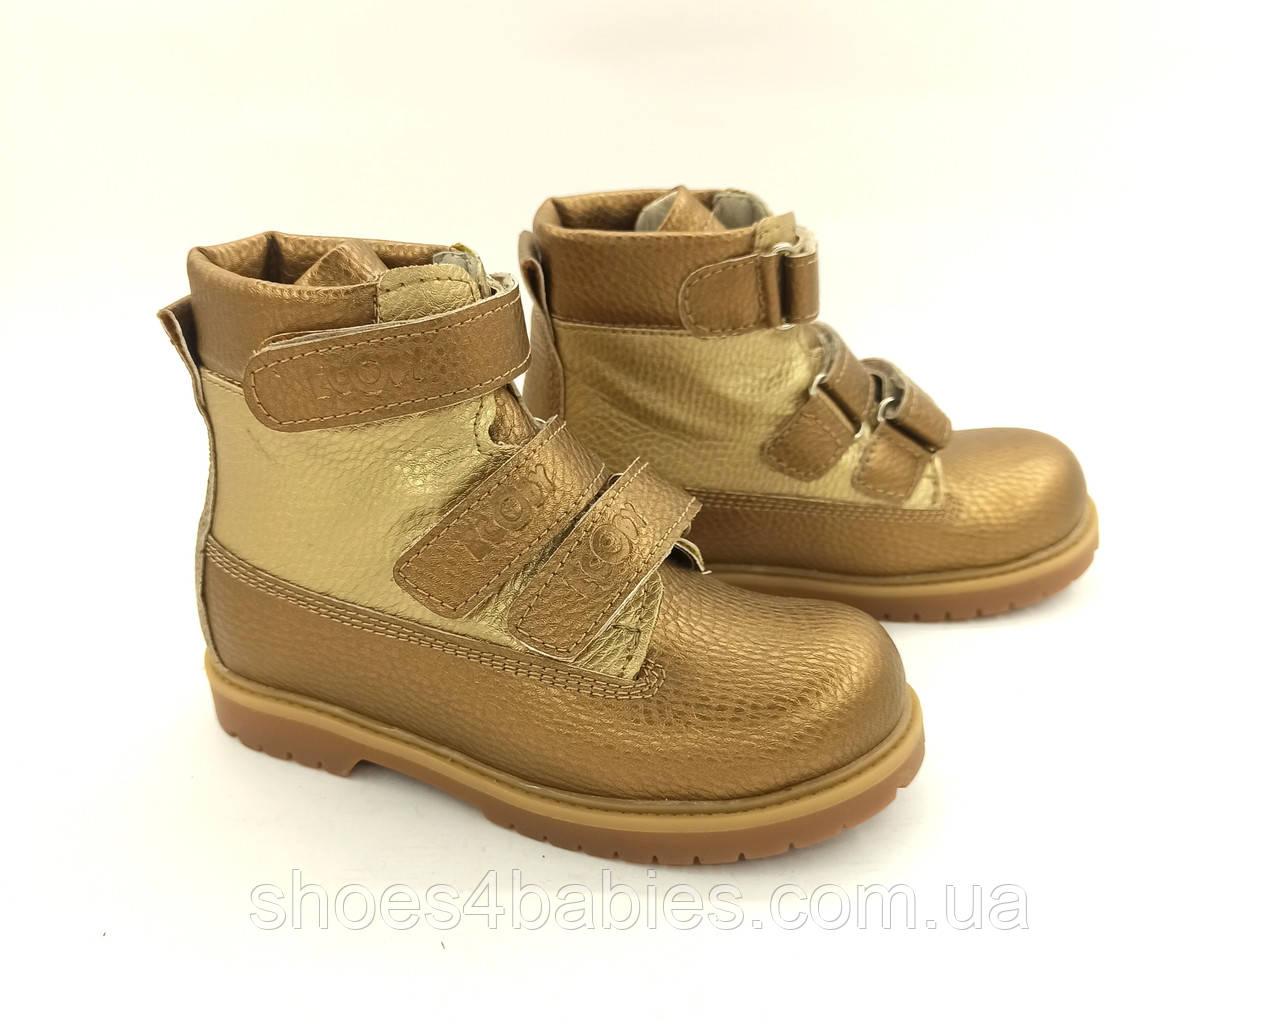 Демисезонные ортопедические ботинки для девочки Ecoby 700 золото р. 26 - 17,3 см